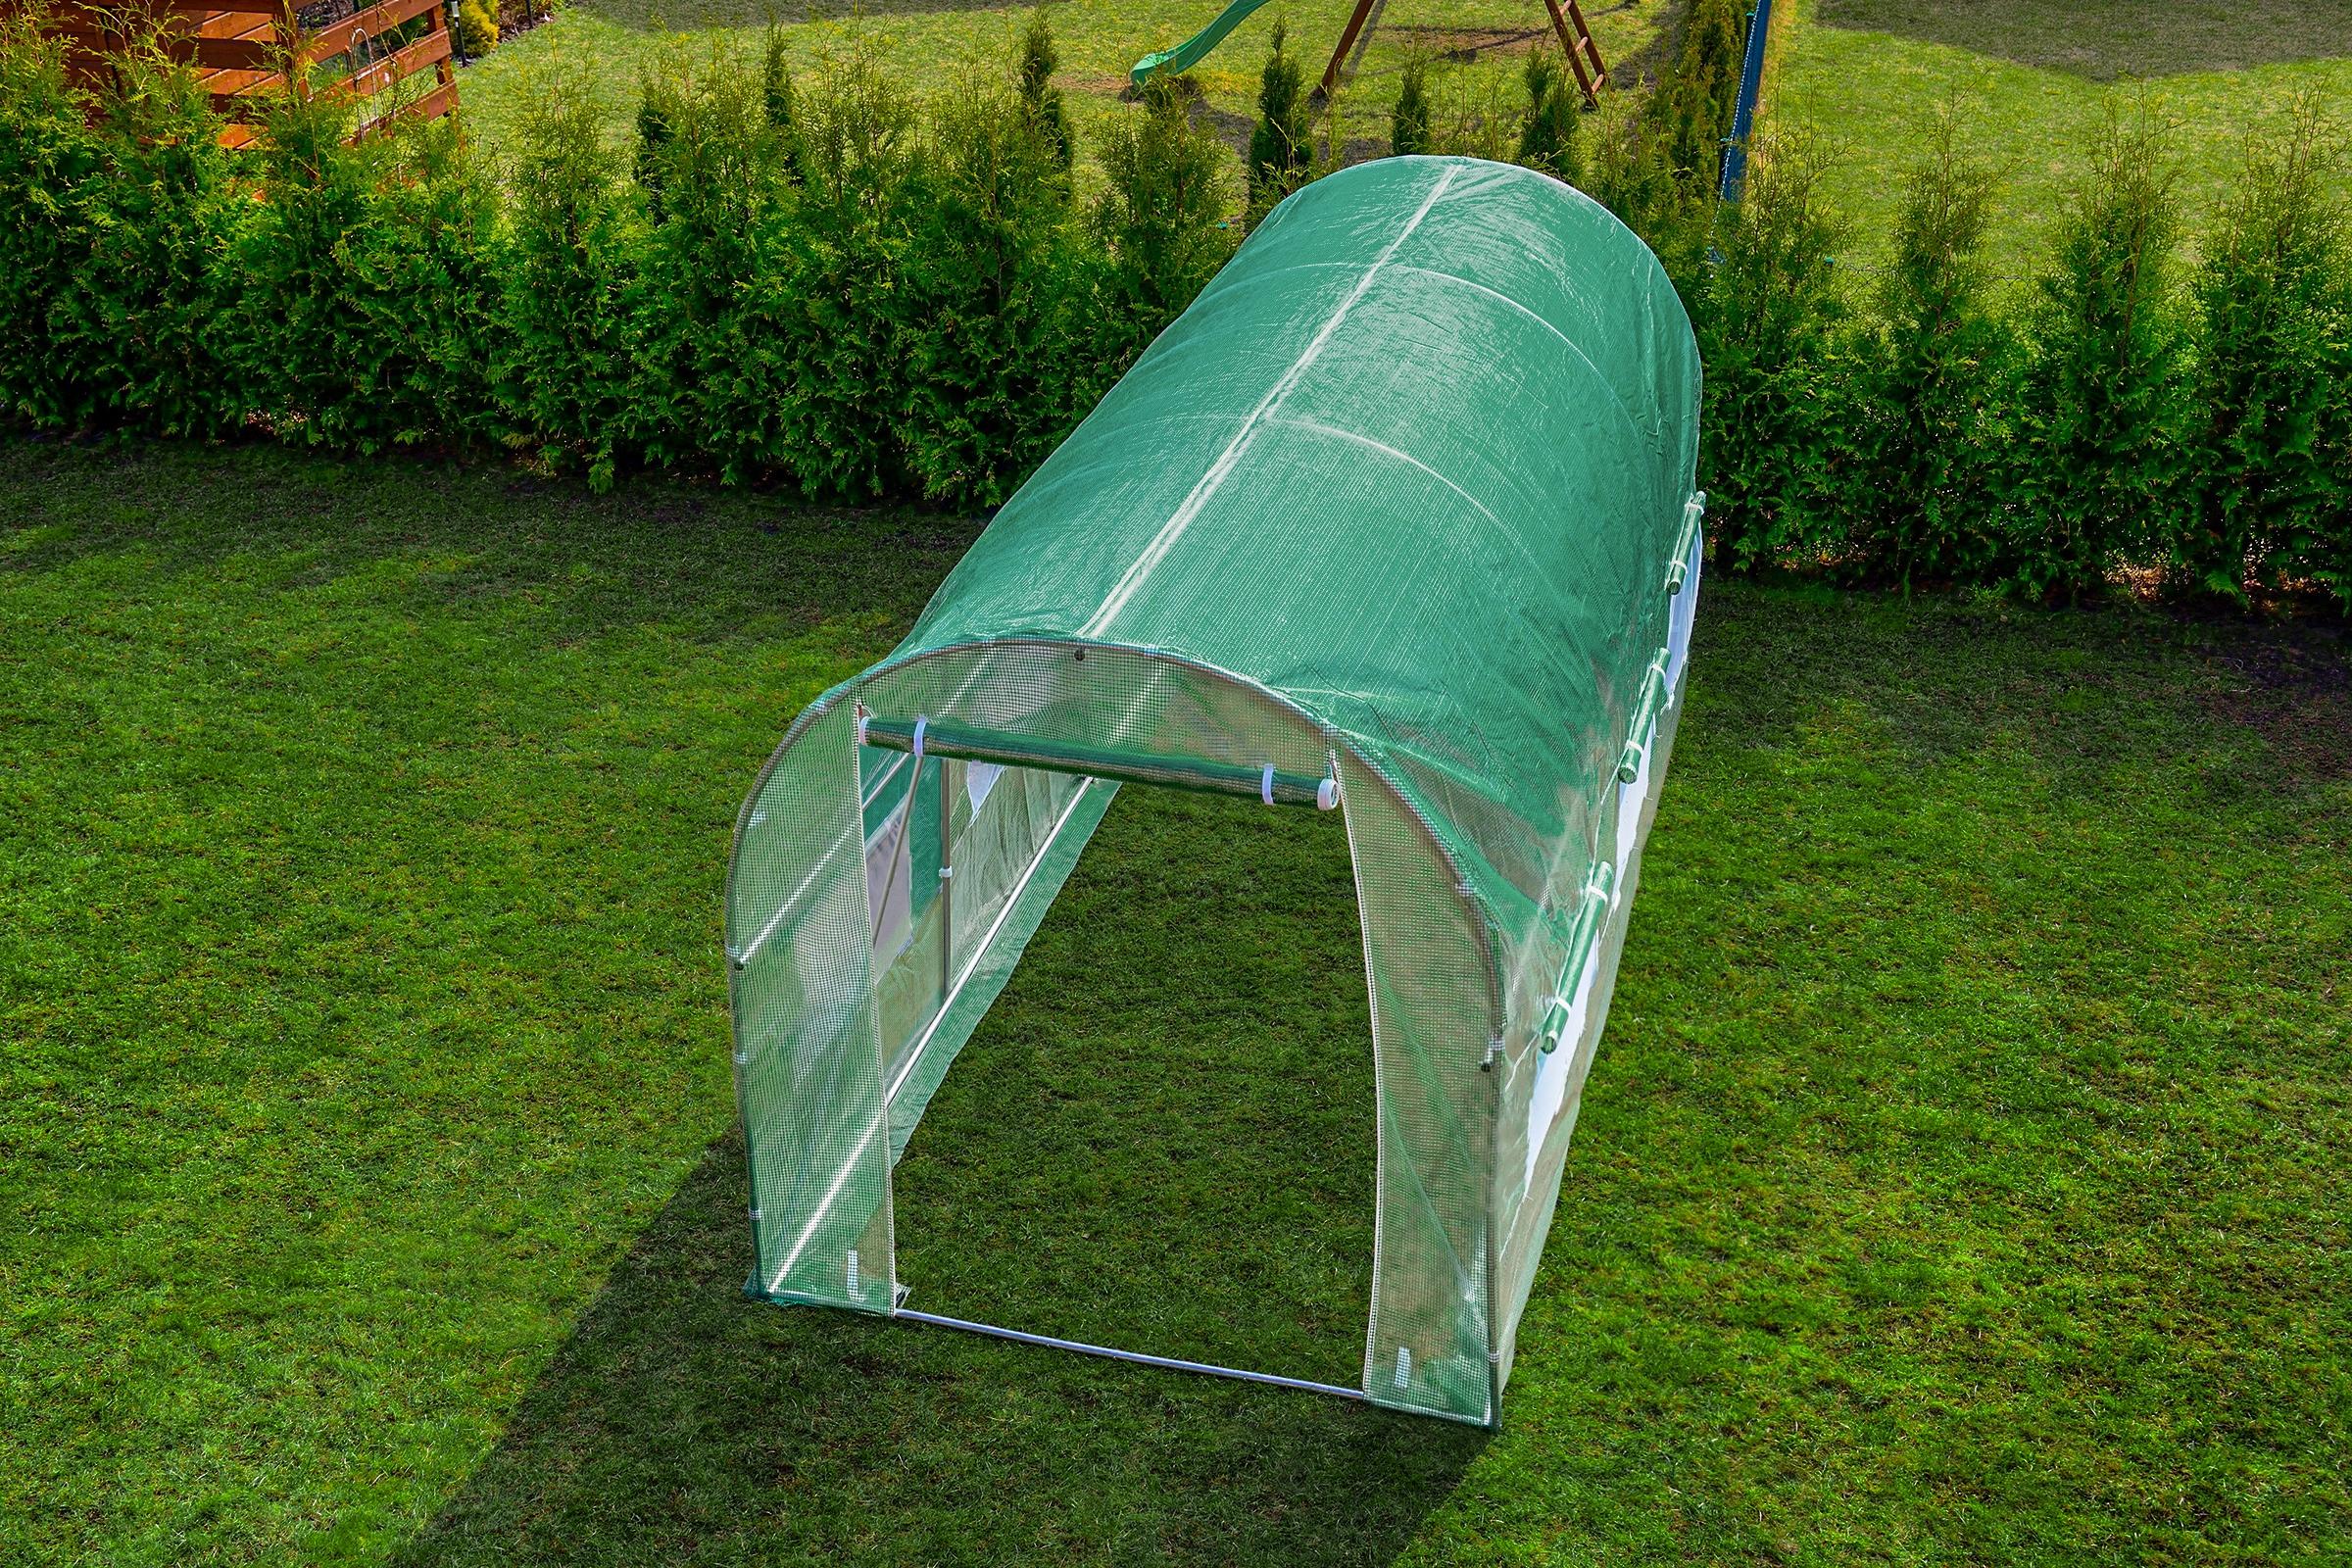 FÓLIOVÝ TUNEL 7m2 ZAHRADA GREENHOUSE 3,5x2m UV-4 Hmotnosť produktu s jednotkovým balením 22 kg